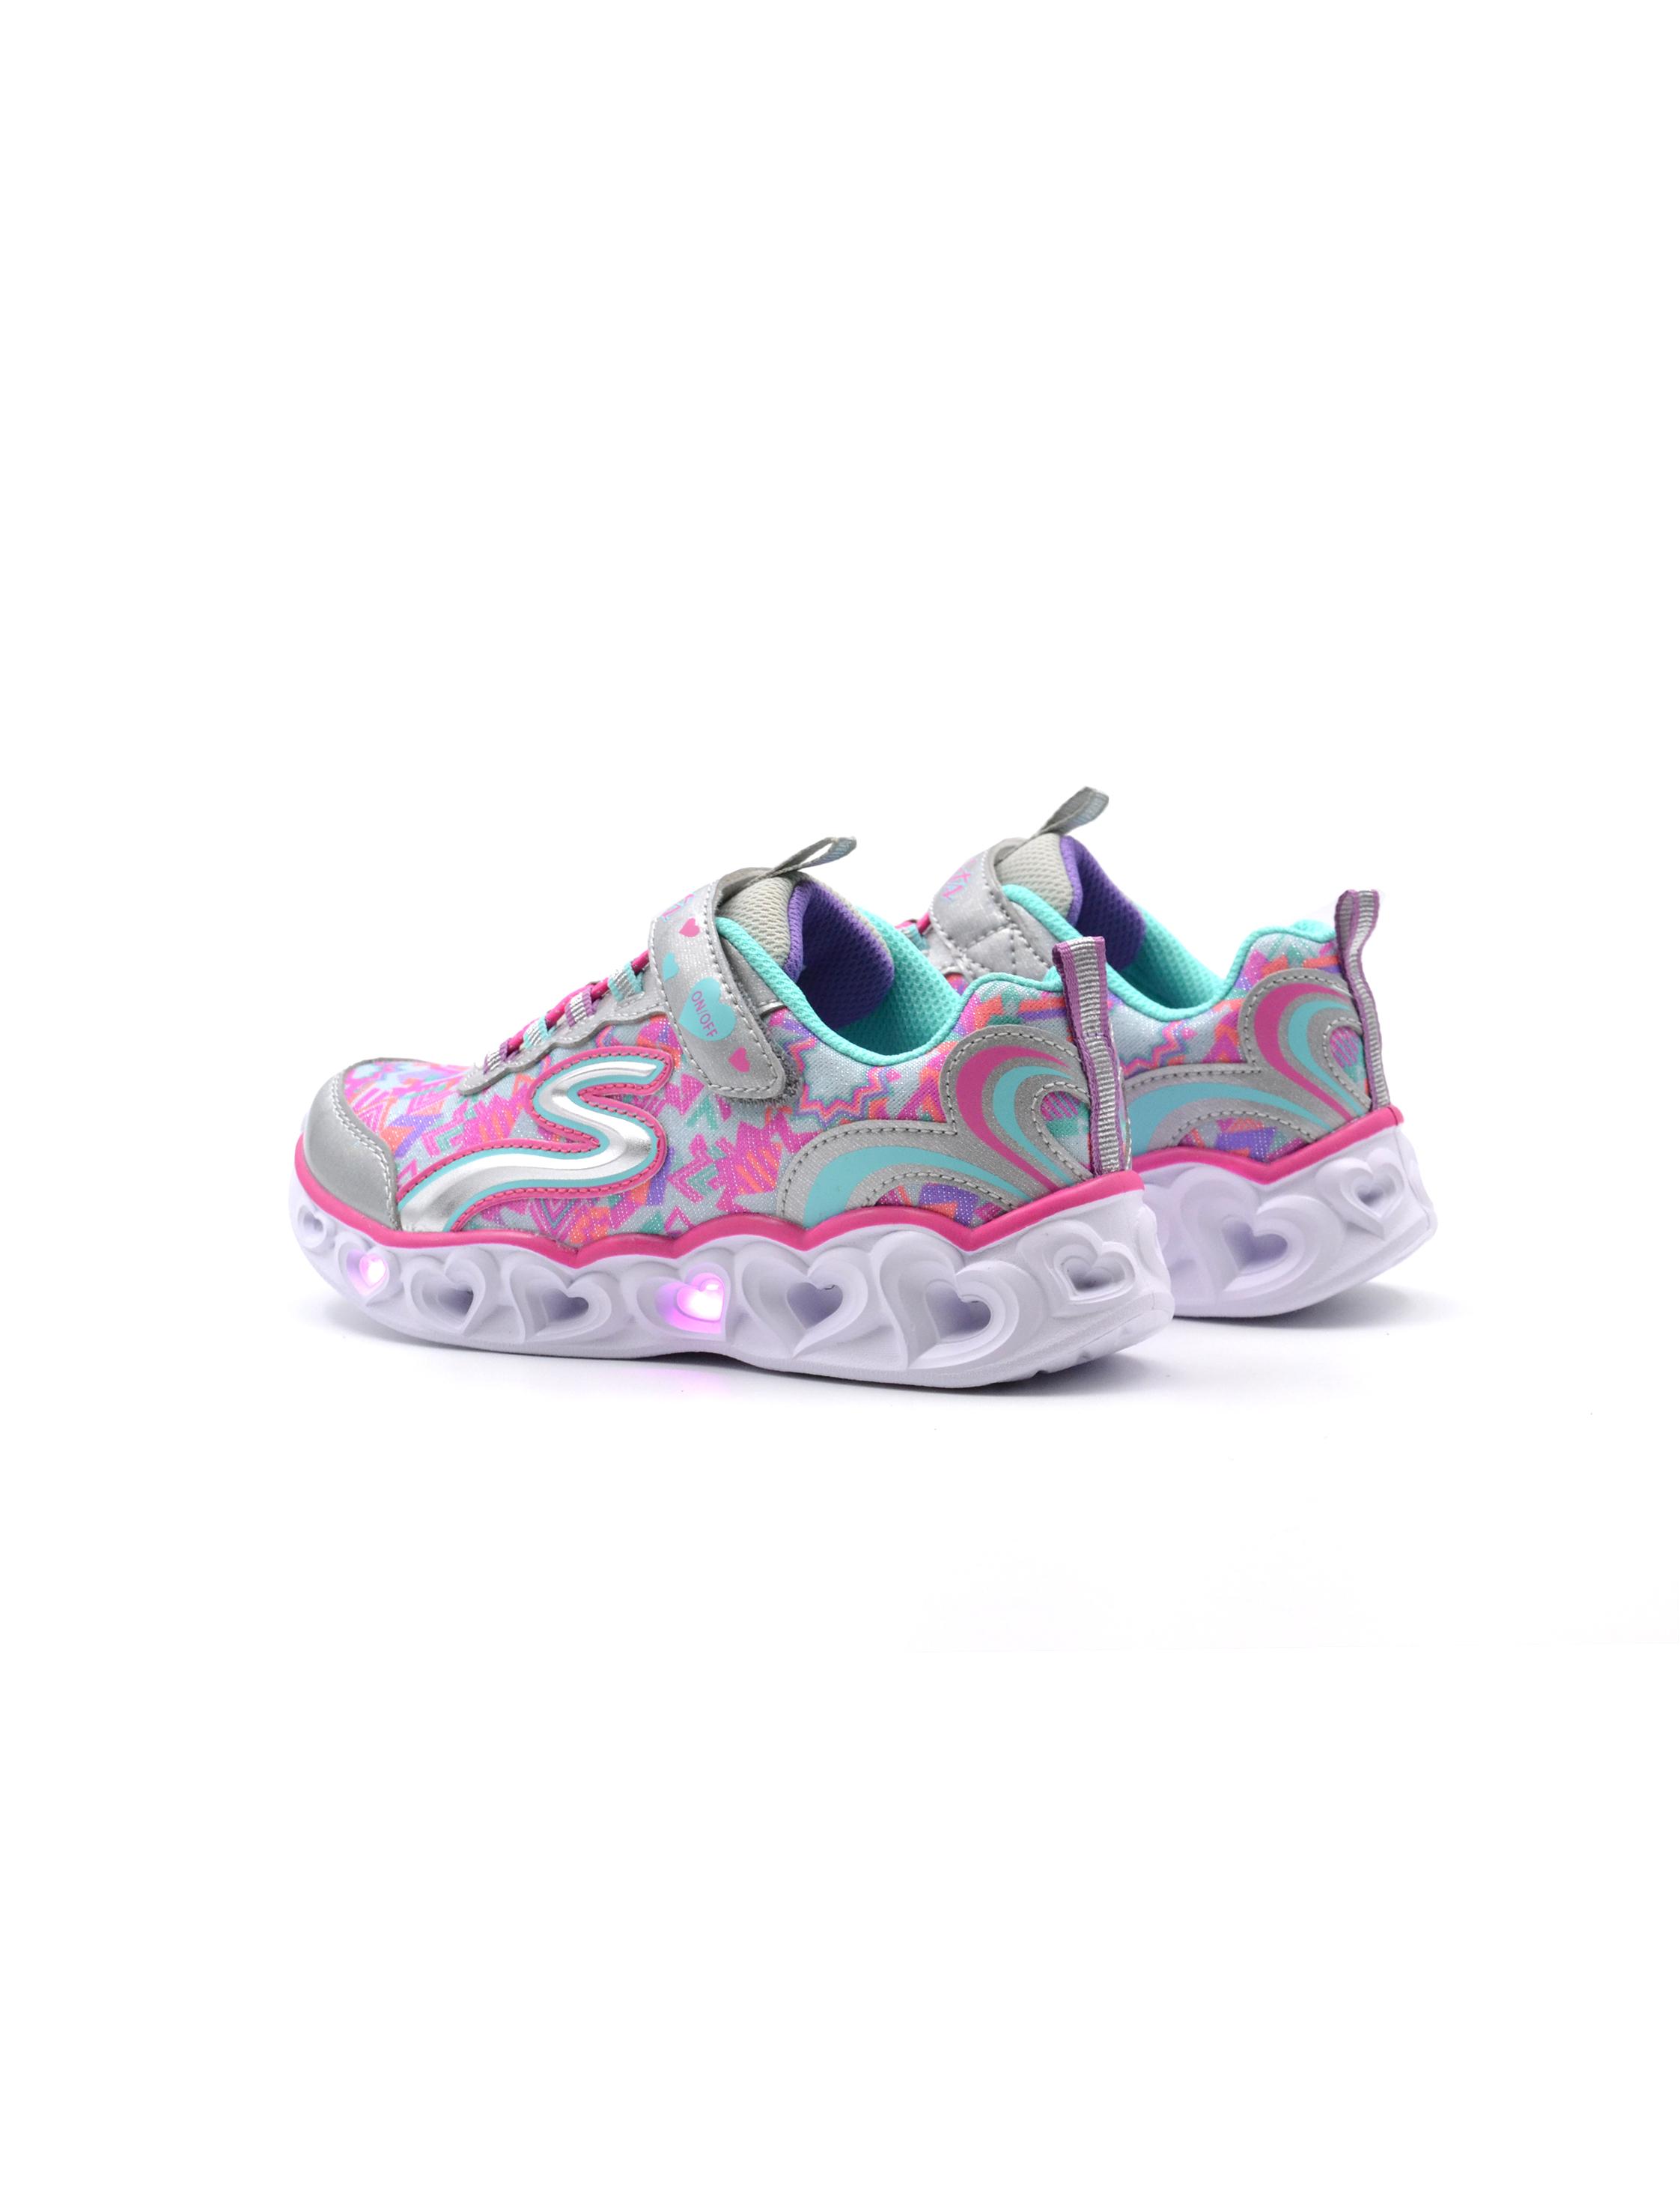 Sneaker da bimba con luci skechers, Sneakers, colore Navy